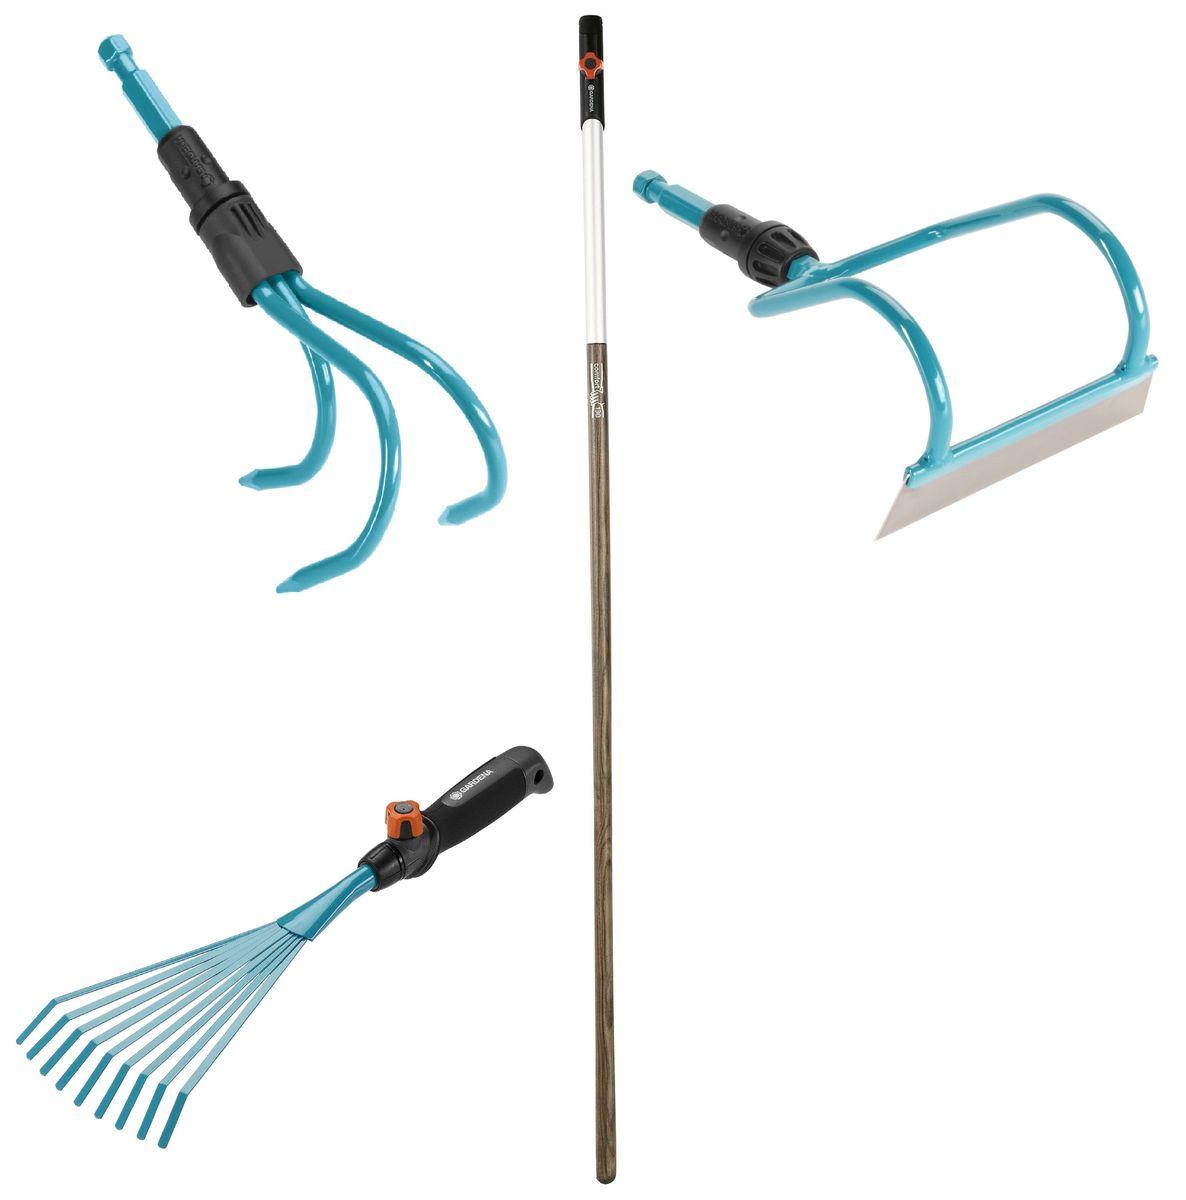 Набор садовых инструментов Gardena, 4 предметаМ276_оранжевый, синийНабор садовых инструментов Gardena состоит из грабель, мотыги-волокуши, рыхлителя и рукоятки.Грабли Gardena, выполненные из высококачественной стали с покрытием из дюропласта, представляют собой идеальный инструмент для сбора листьев, сорняков и скошенной травы. Ручка специальной формы удобно лежит в руке, облегчая работу. Практичность: ручка легко снимается и может быть заменена на любую другую ручку комбисистемы, которая будет подходить пользователю по росту и избавлять от необходимости нагибаться. Рабочая ширина: 12 см. Мотыга-волокуша Gardena - инструмент для садовых работ. Благодаря изогнутой форме лезвие входит в землю под углом - происходит более тщательное рыхление и разбивание почвы. Лезвие выполнено из нержавеющей стали, корпус - из стали, покрытой дюропластом. Используемые материалы не подвержены коррозии. Рабочая ширина: 12 см. Рыхлитель Gardena предназначен для рыхления и аэрации почвы. Он прекрасно подойдёт для каменистых почв и близко посаженных растений. Изделие имеет 3 прочных зубца. Рабочая ширина изделия: 9 см.Ручка Gardena идеально подходит к любому ручному инструменту по уходу за садом Gardena. Просто и надежно крепится с помощью стопорного винта, снабженного защитой от выпадения. Трубка из анодированного алюминия с пластиковым покрытием на конце ручки защищает от влаги. Зауженная форма обеспечивает удобный захват. Ручка изготовлена из высококачественной и упругой древесины ясеня, которая обладает свойством гасить вибрации и поэтому делает работу приятной и комфортной. Небольшой вес заботится о здоровье, снижая нагрузку на опорно-двигательный аппарат. Длина ручки: 130 см.